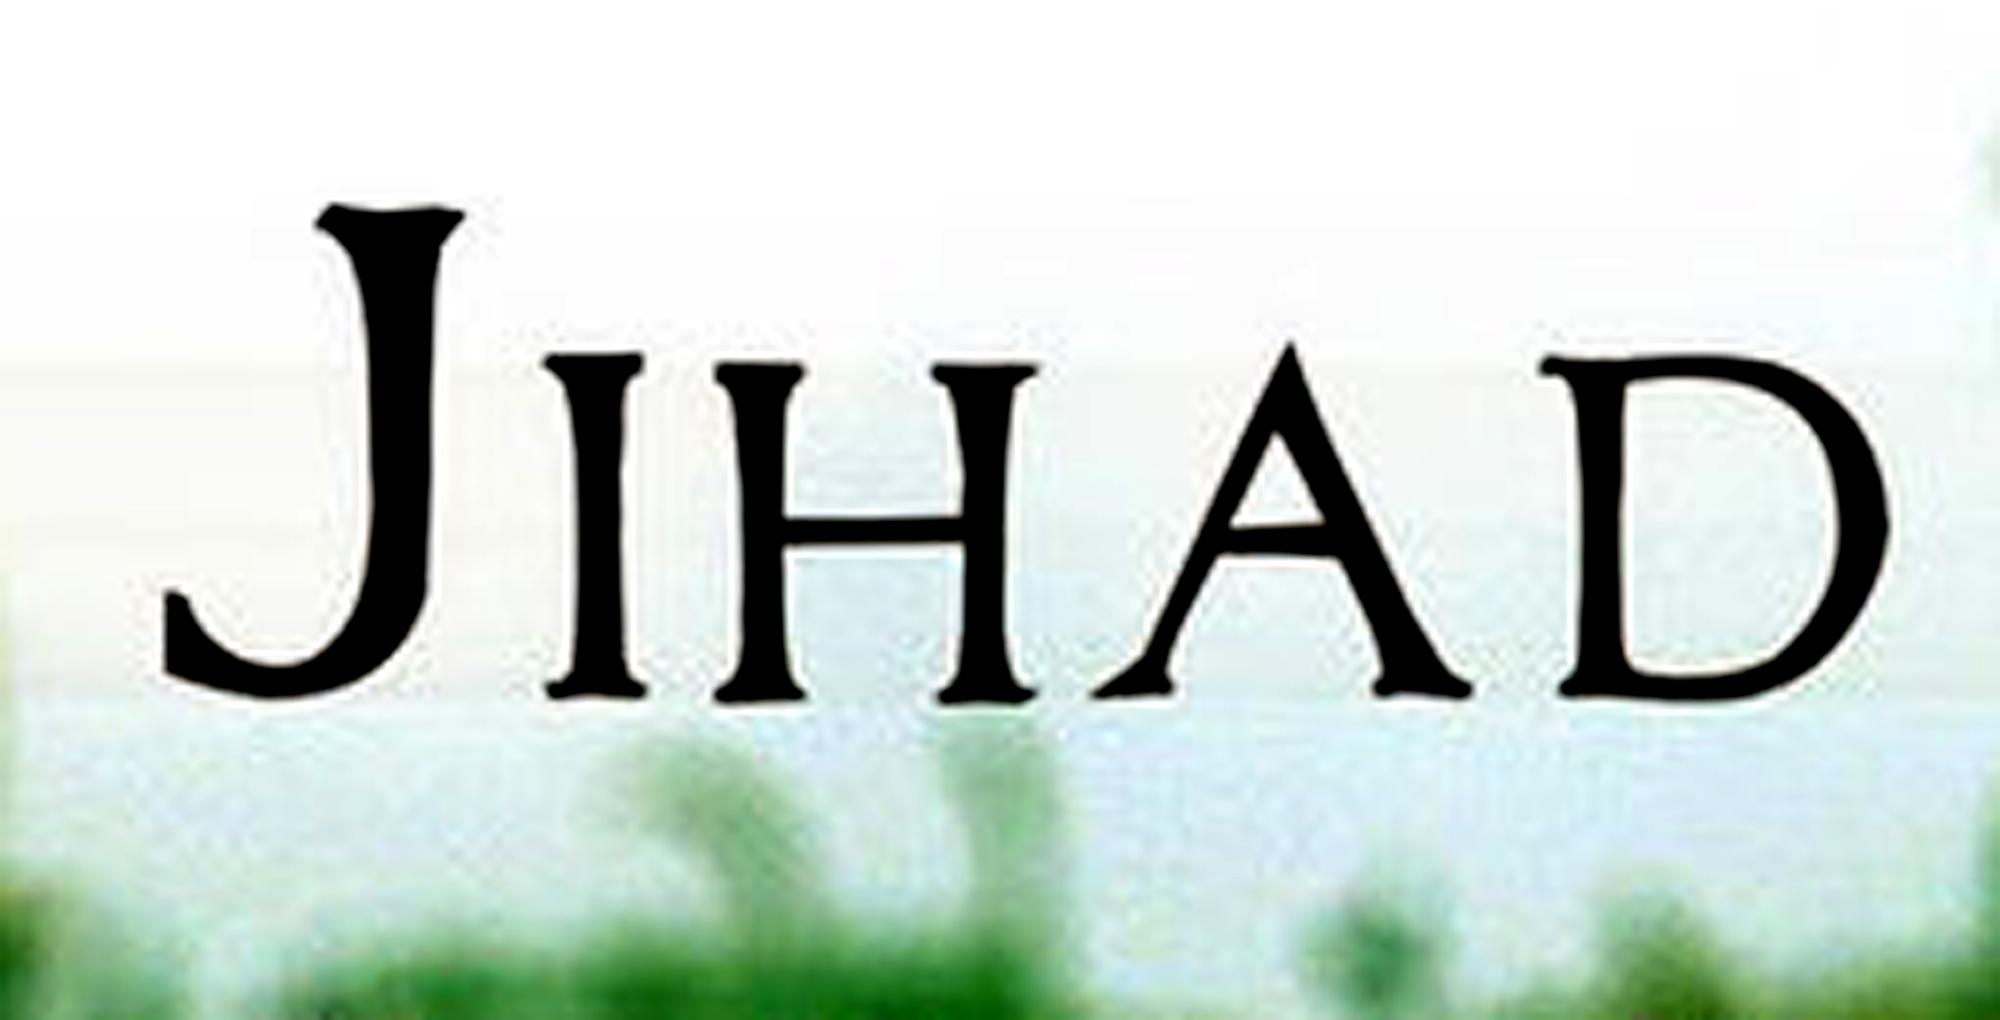 Jihad written